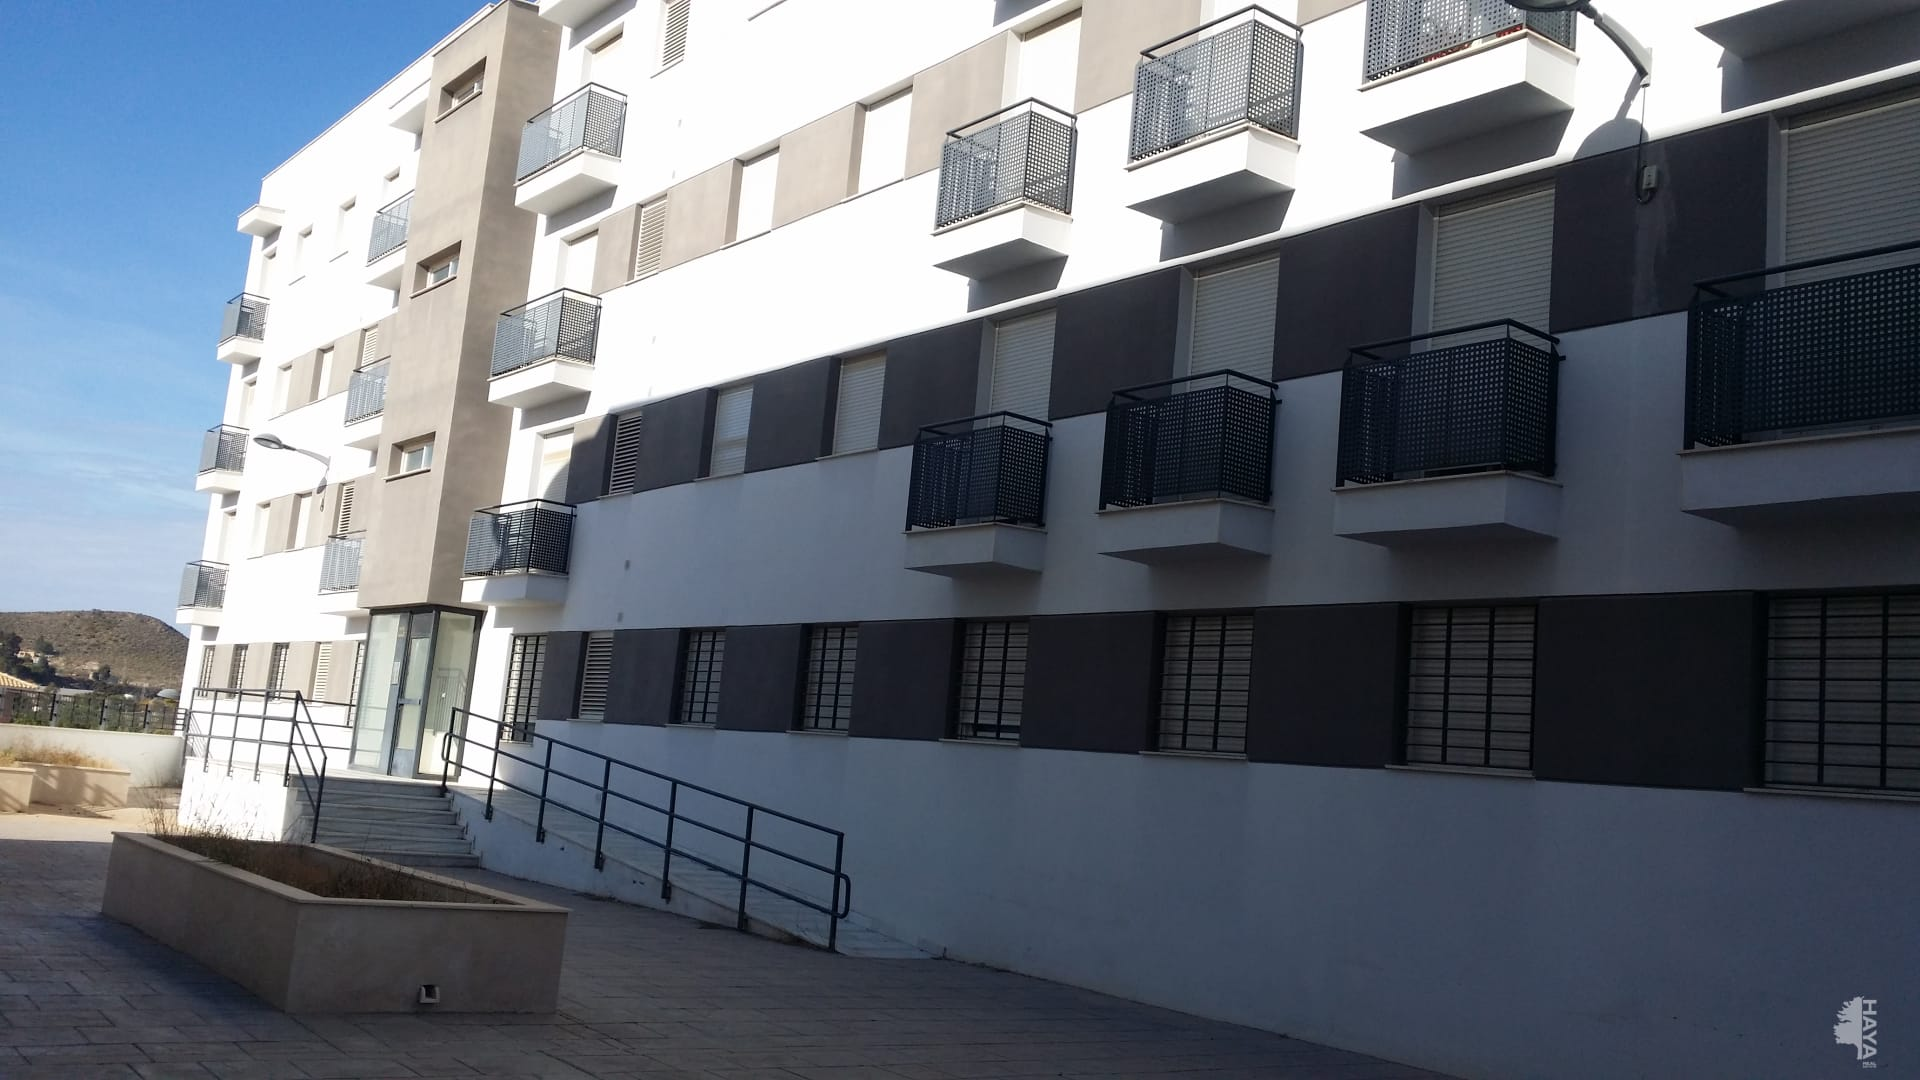 Piso en venta en Huitar Mayor, Olula del Río, Almería, Calle Alta, 70.300 €, 3 habitaciones, 1 baño, 98 m2